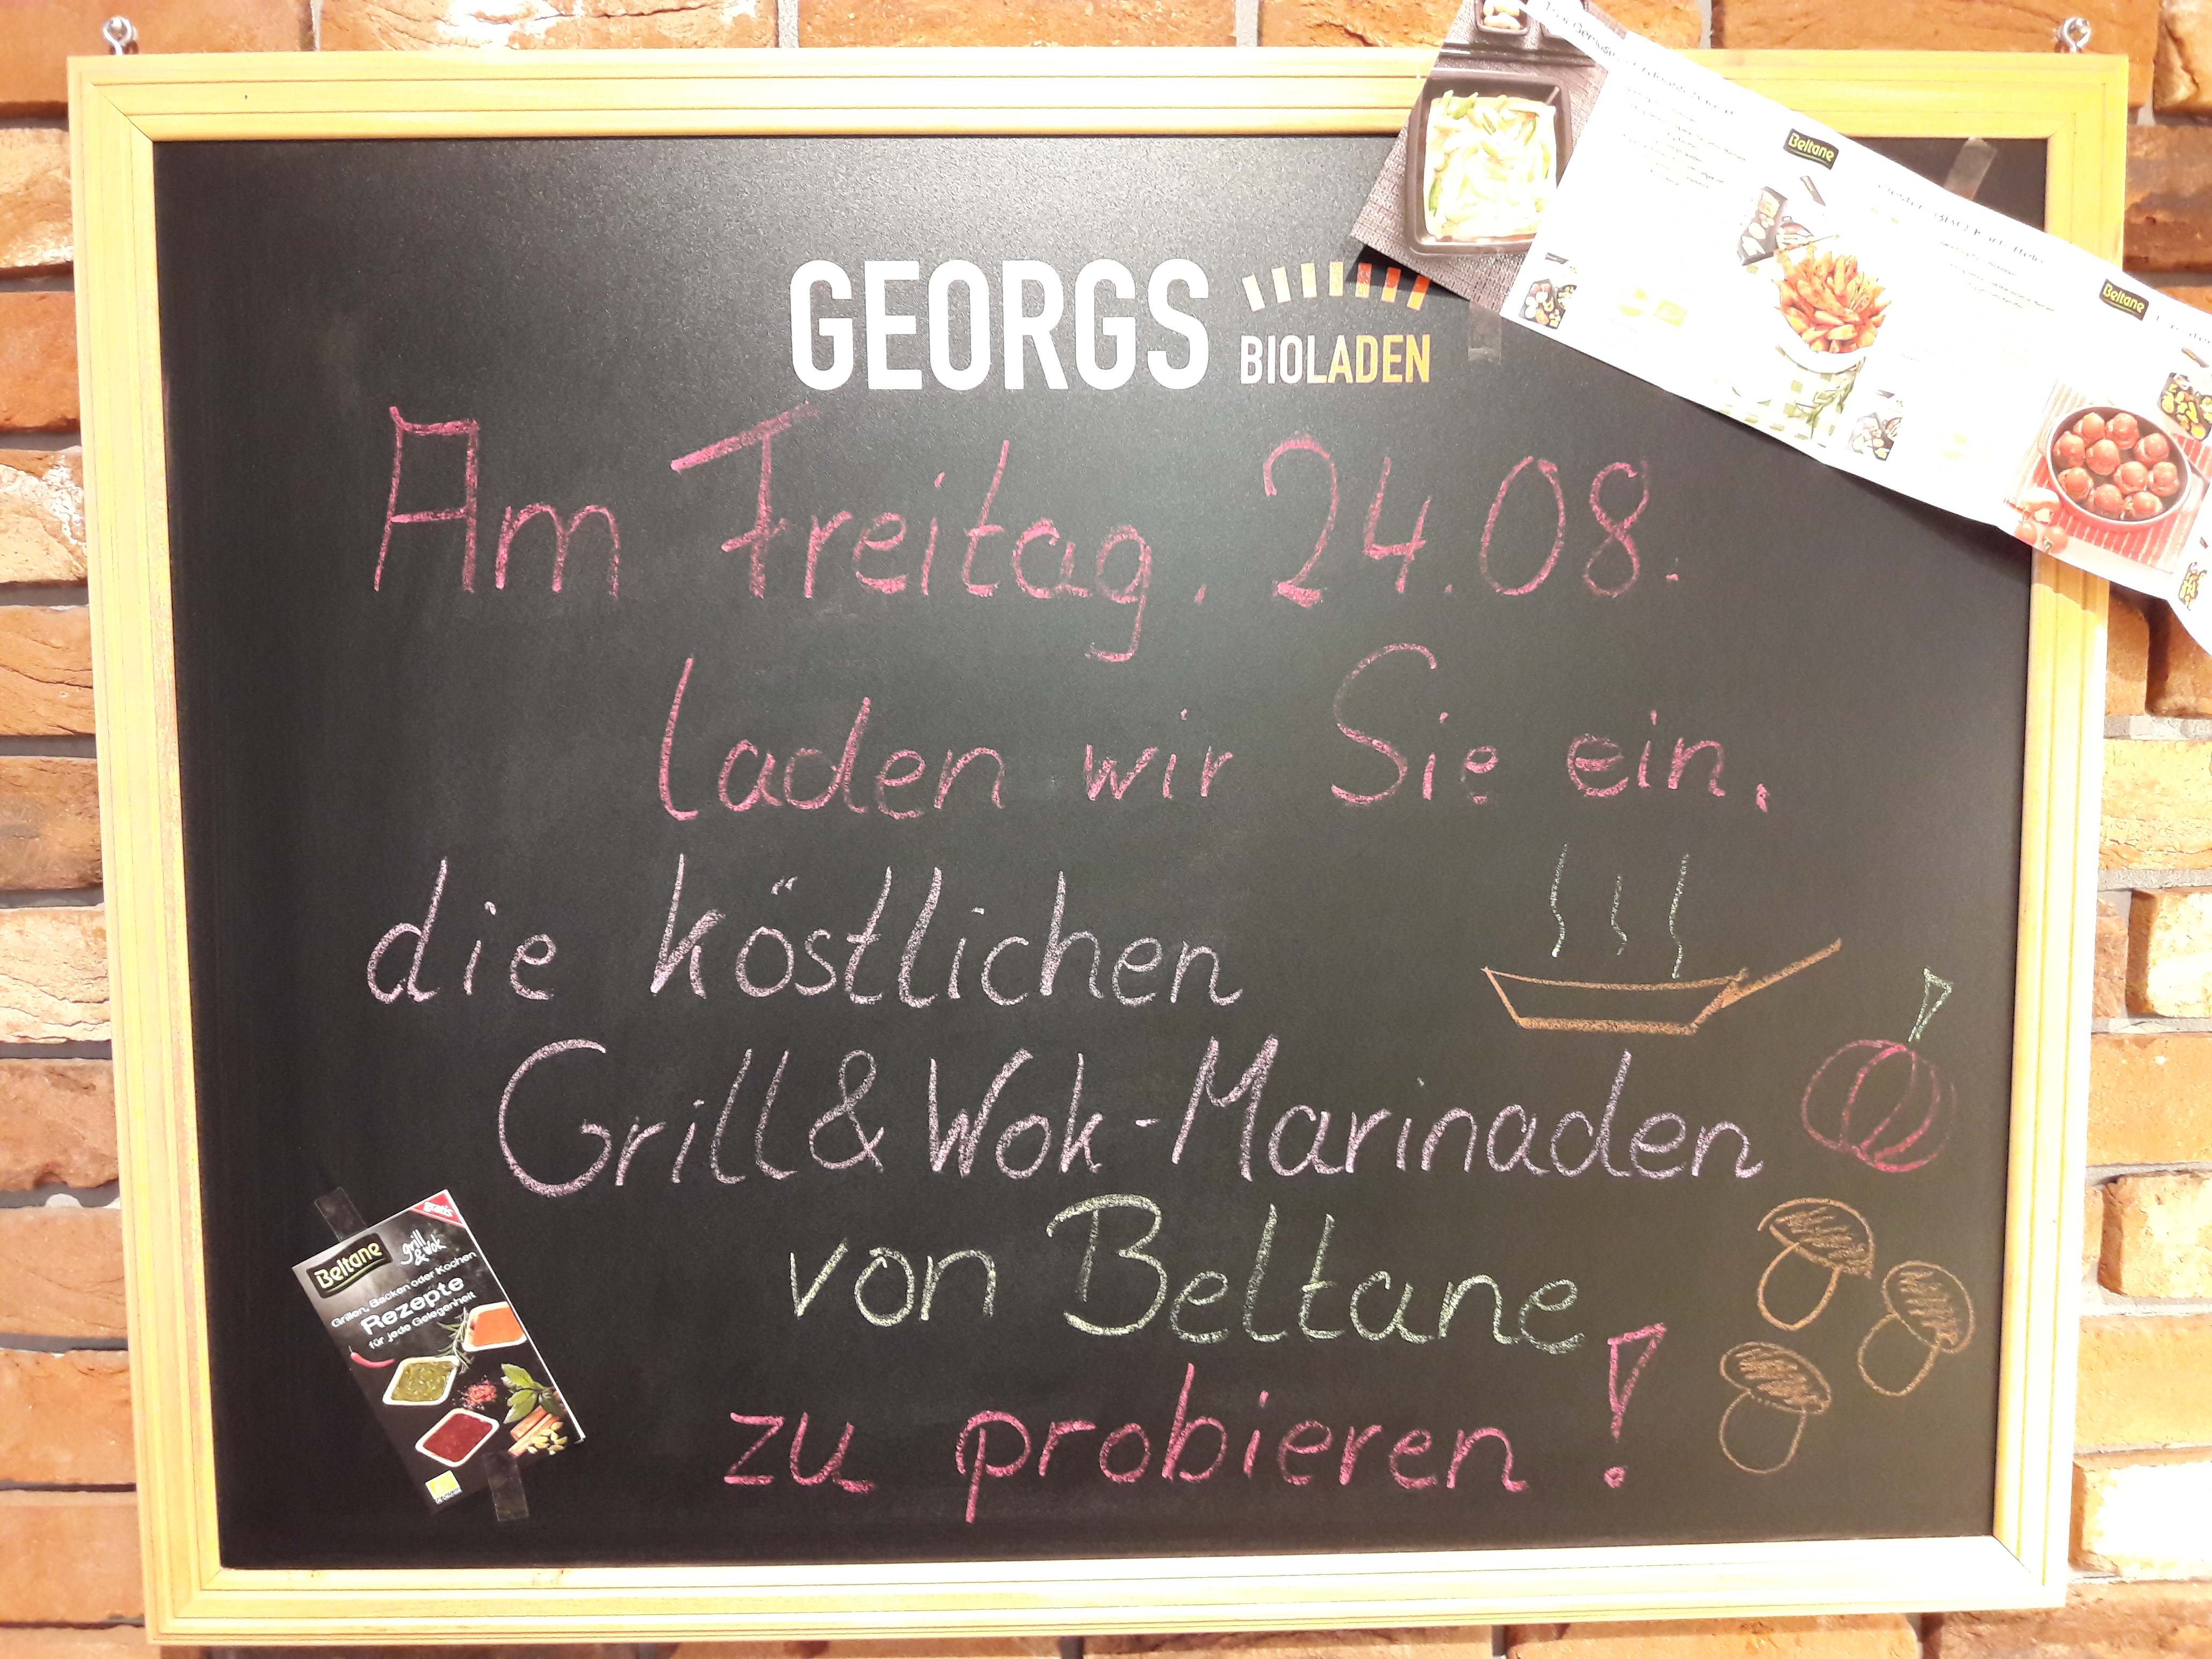 Mit den Bio Grill- & Wok-Marinaden von Beltane zum perfekten Geschmack! Lassen Sie sich am Freitag, den 24. August 2018 faszinieren und verführen!